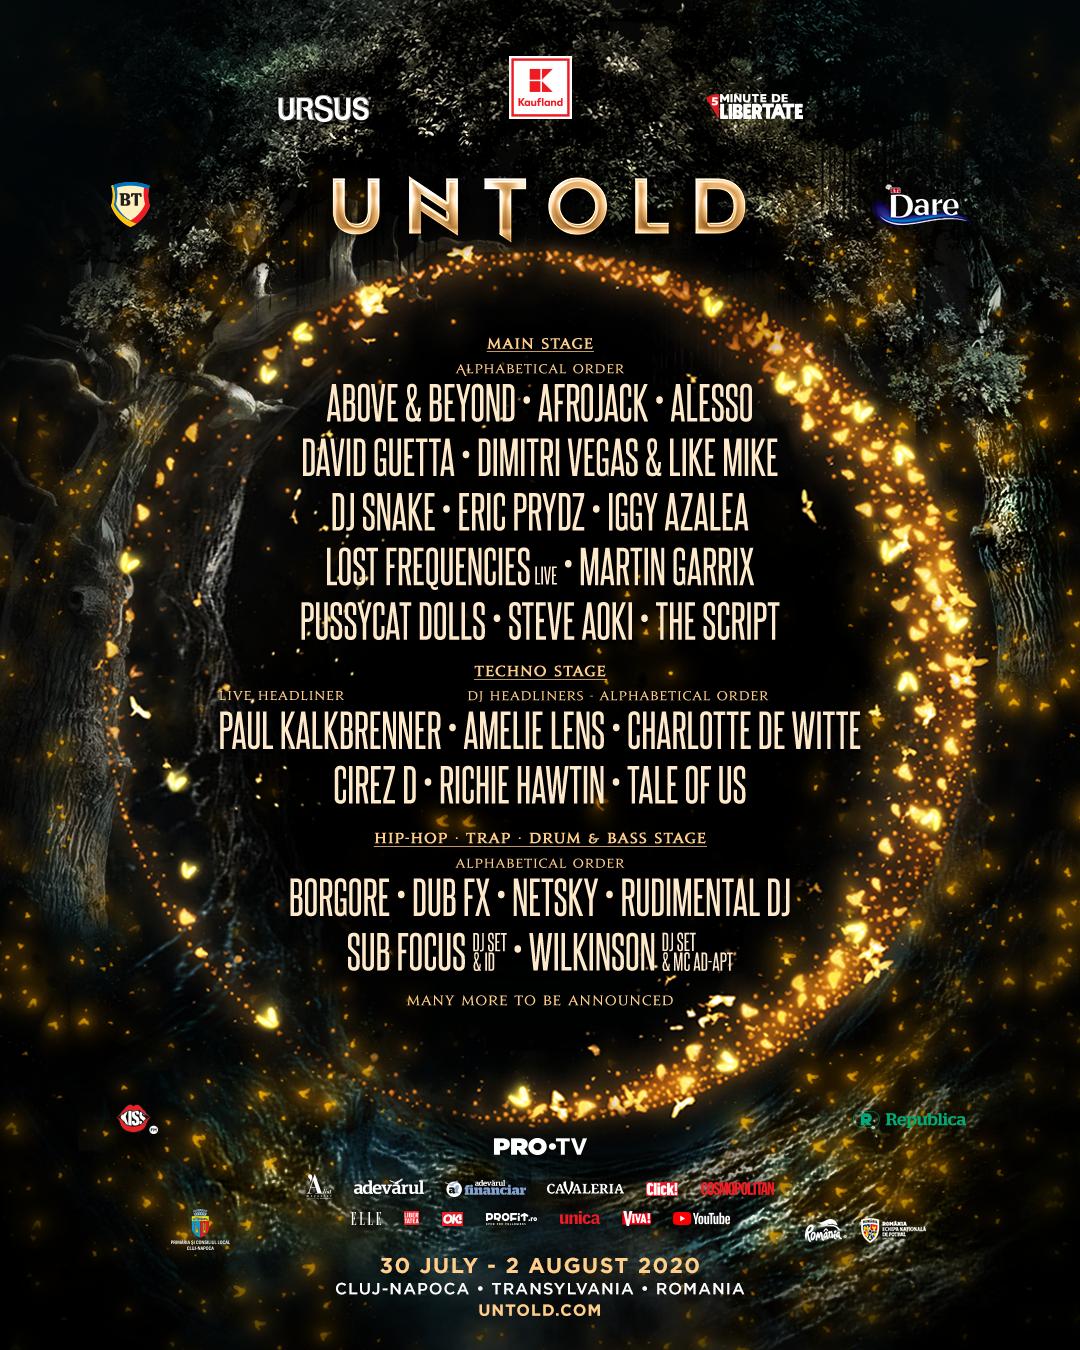 Premieră în România:The Pussycat Dolls, Iggy Azalea, Eric Prydz, Amelie Lens și Charlotte de Witte la Untold 2020